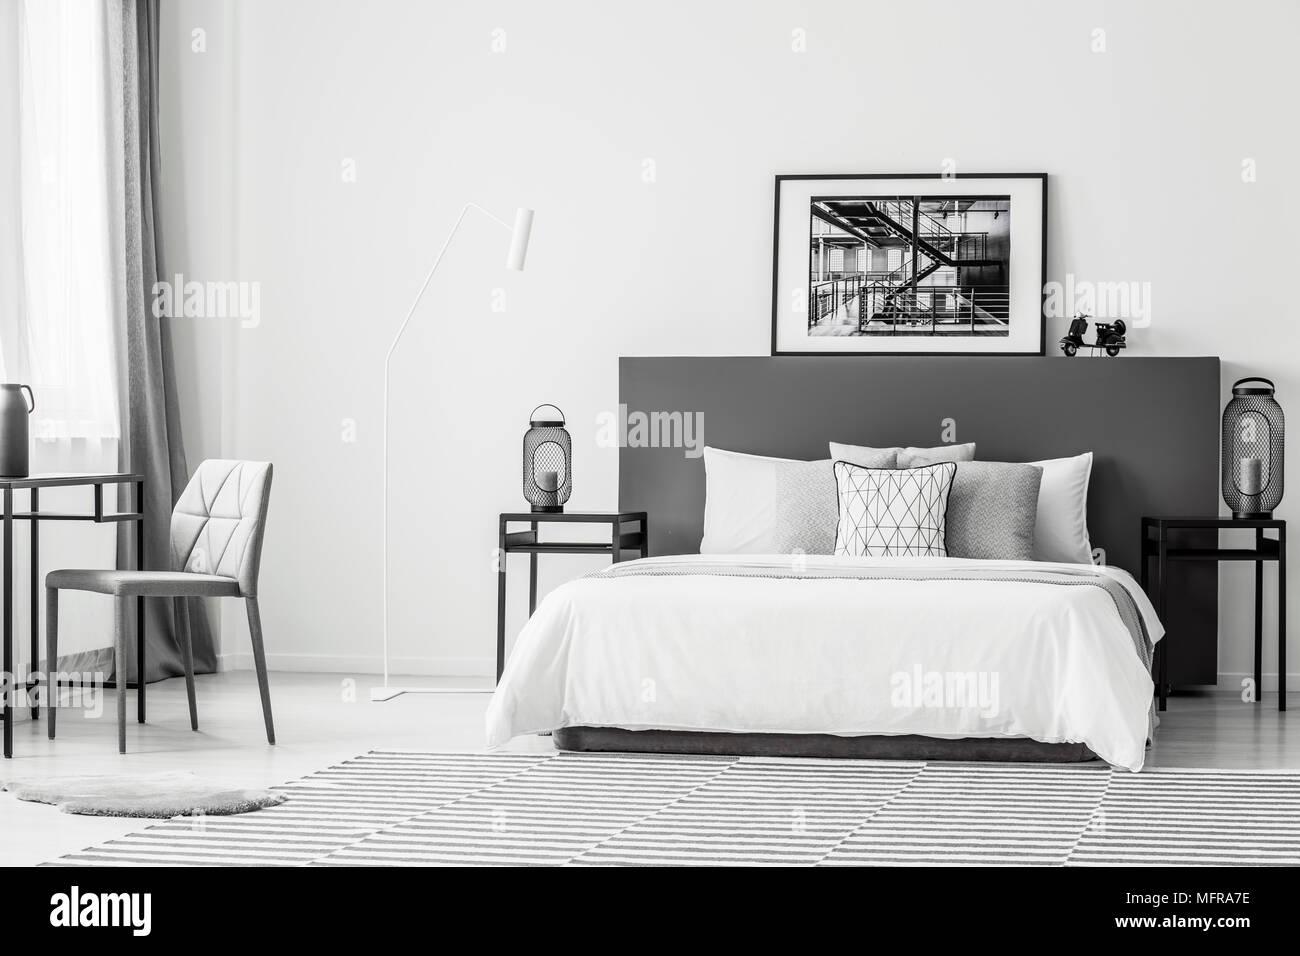 Camera Da Letto Bianco E Nero : Sedia grigio al tavolo vicino al letto bianco in contrasto spaziosa